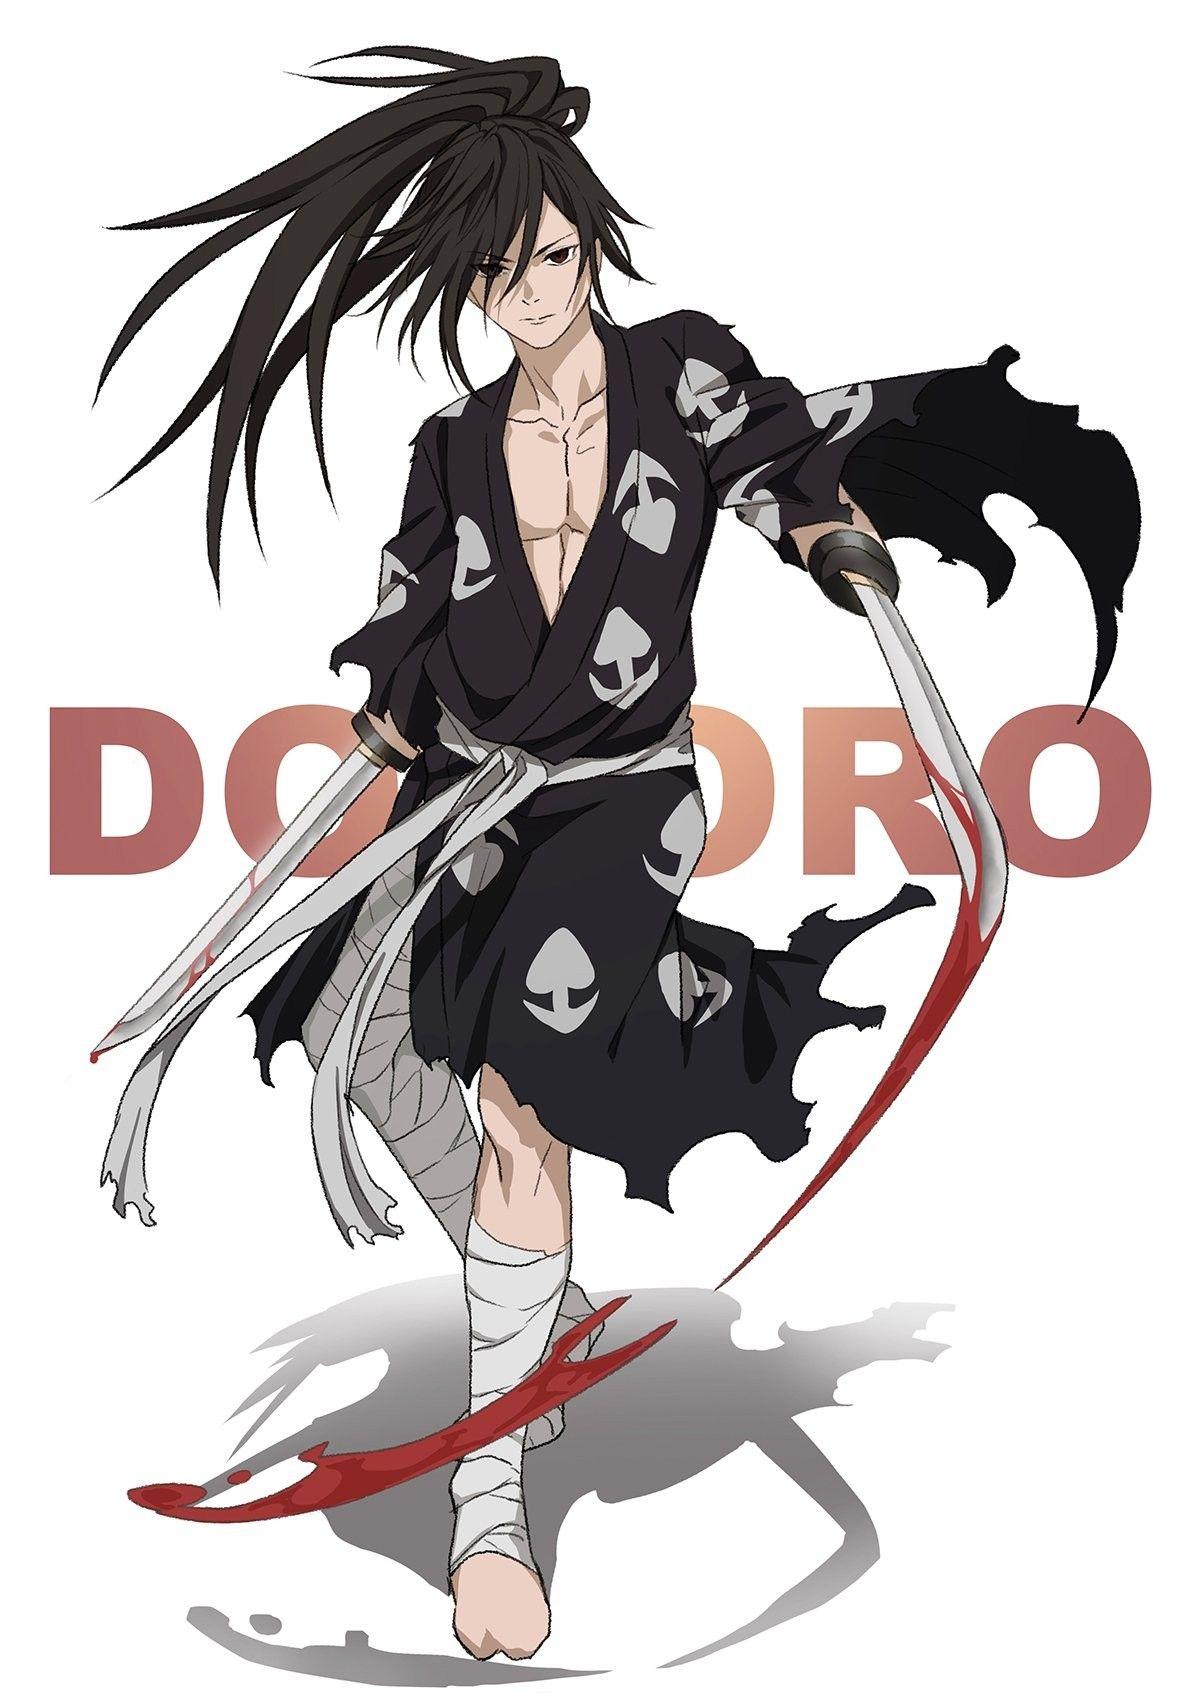 Hyakkimaru Anime character drawing, Anime characters, Anime